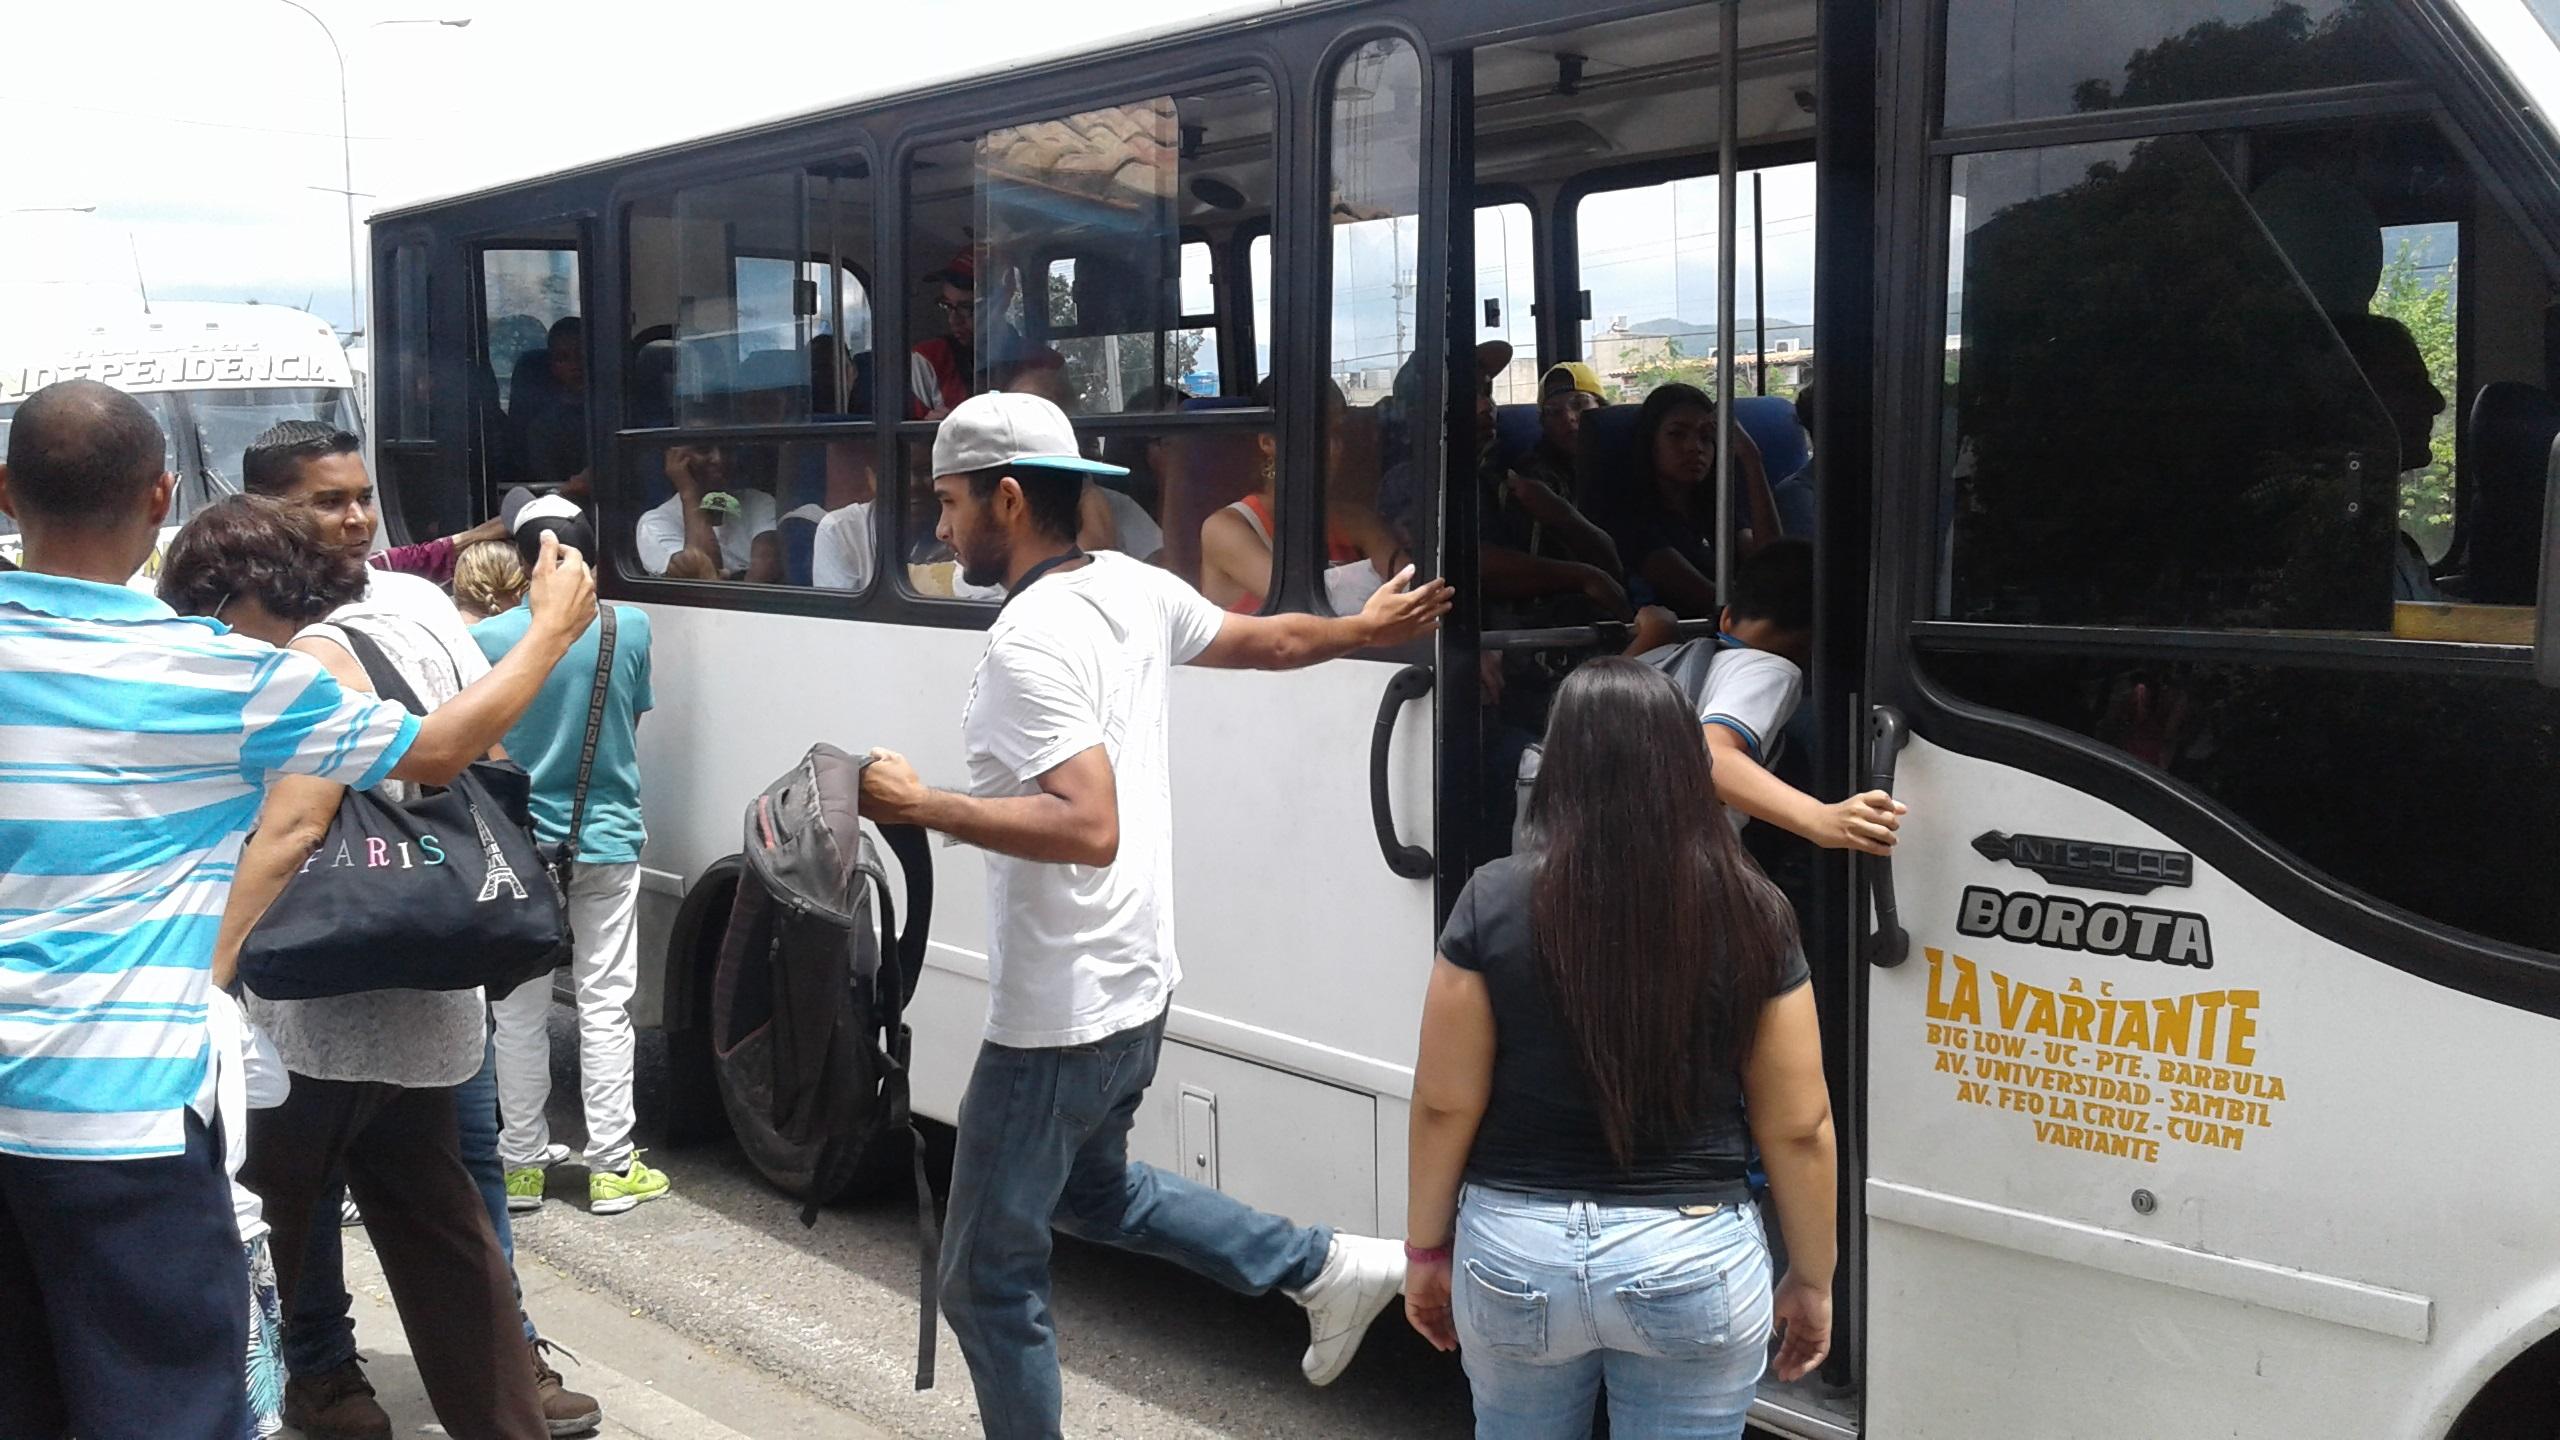 Autobuses en Valencia - Autobuses en Valencia